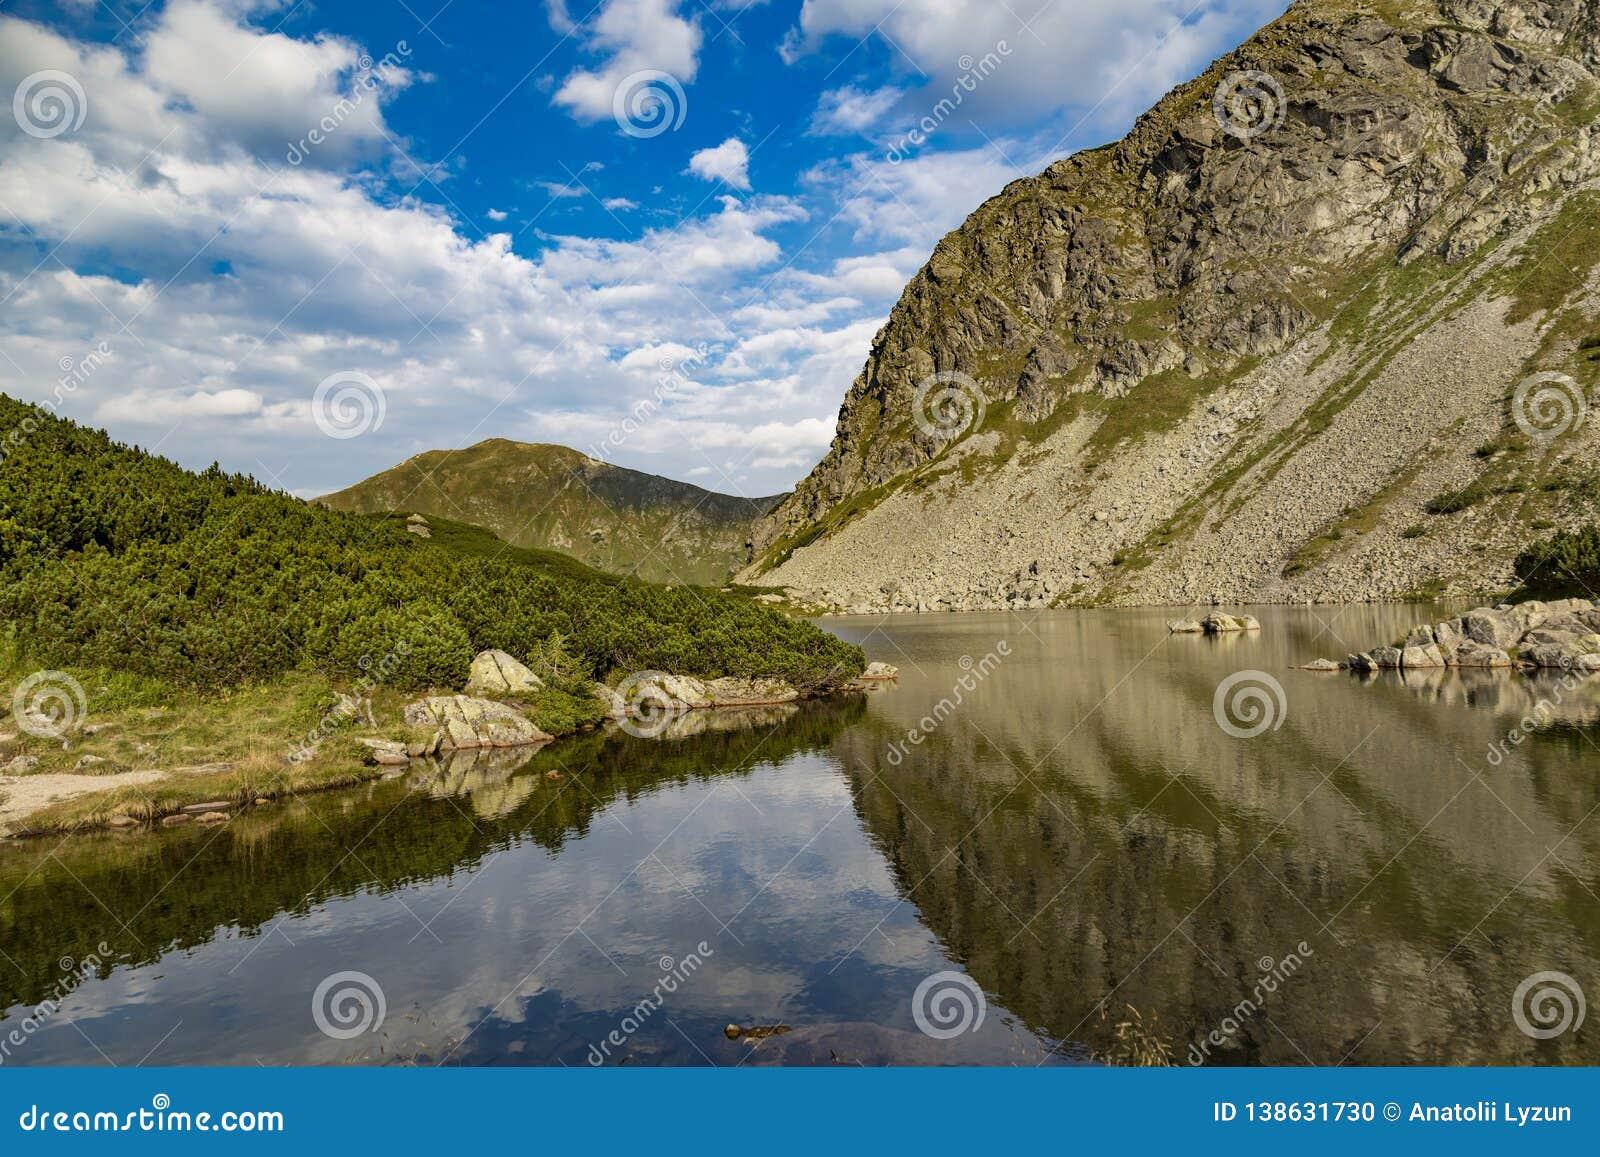 Rohace mountain lake. Slovakia